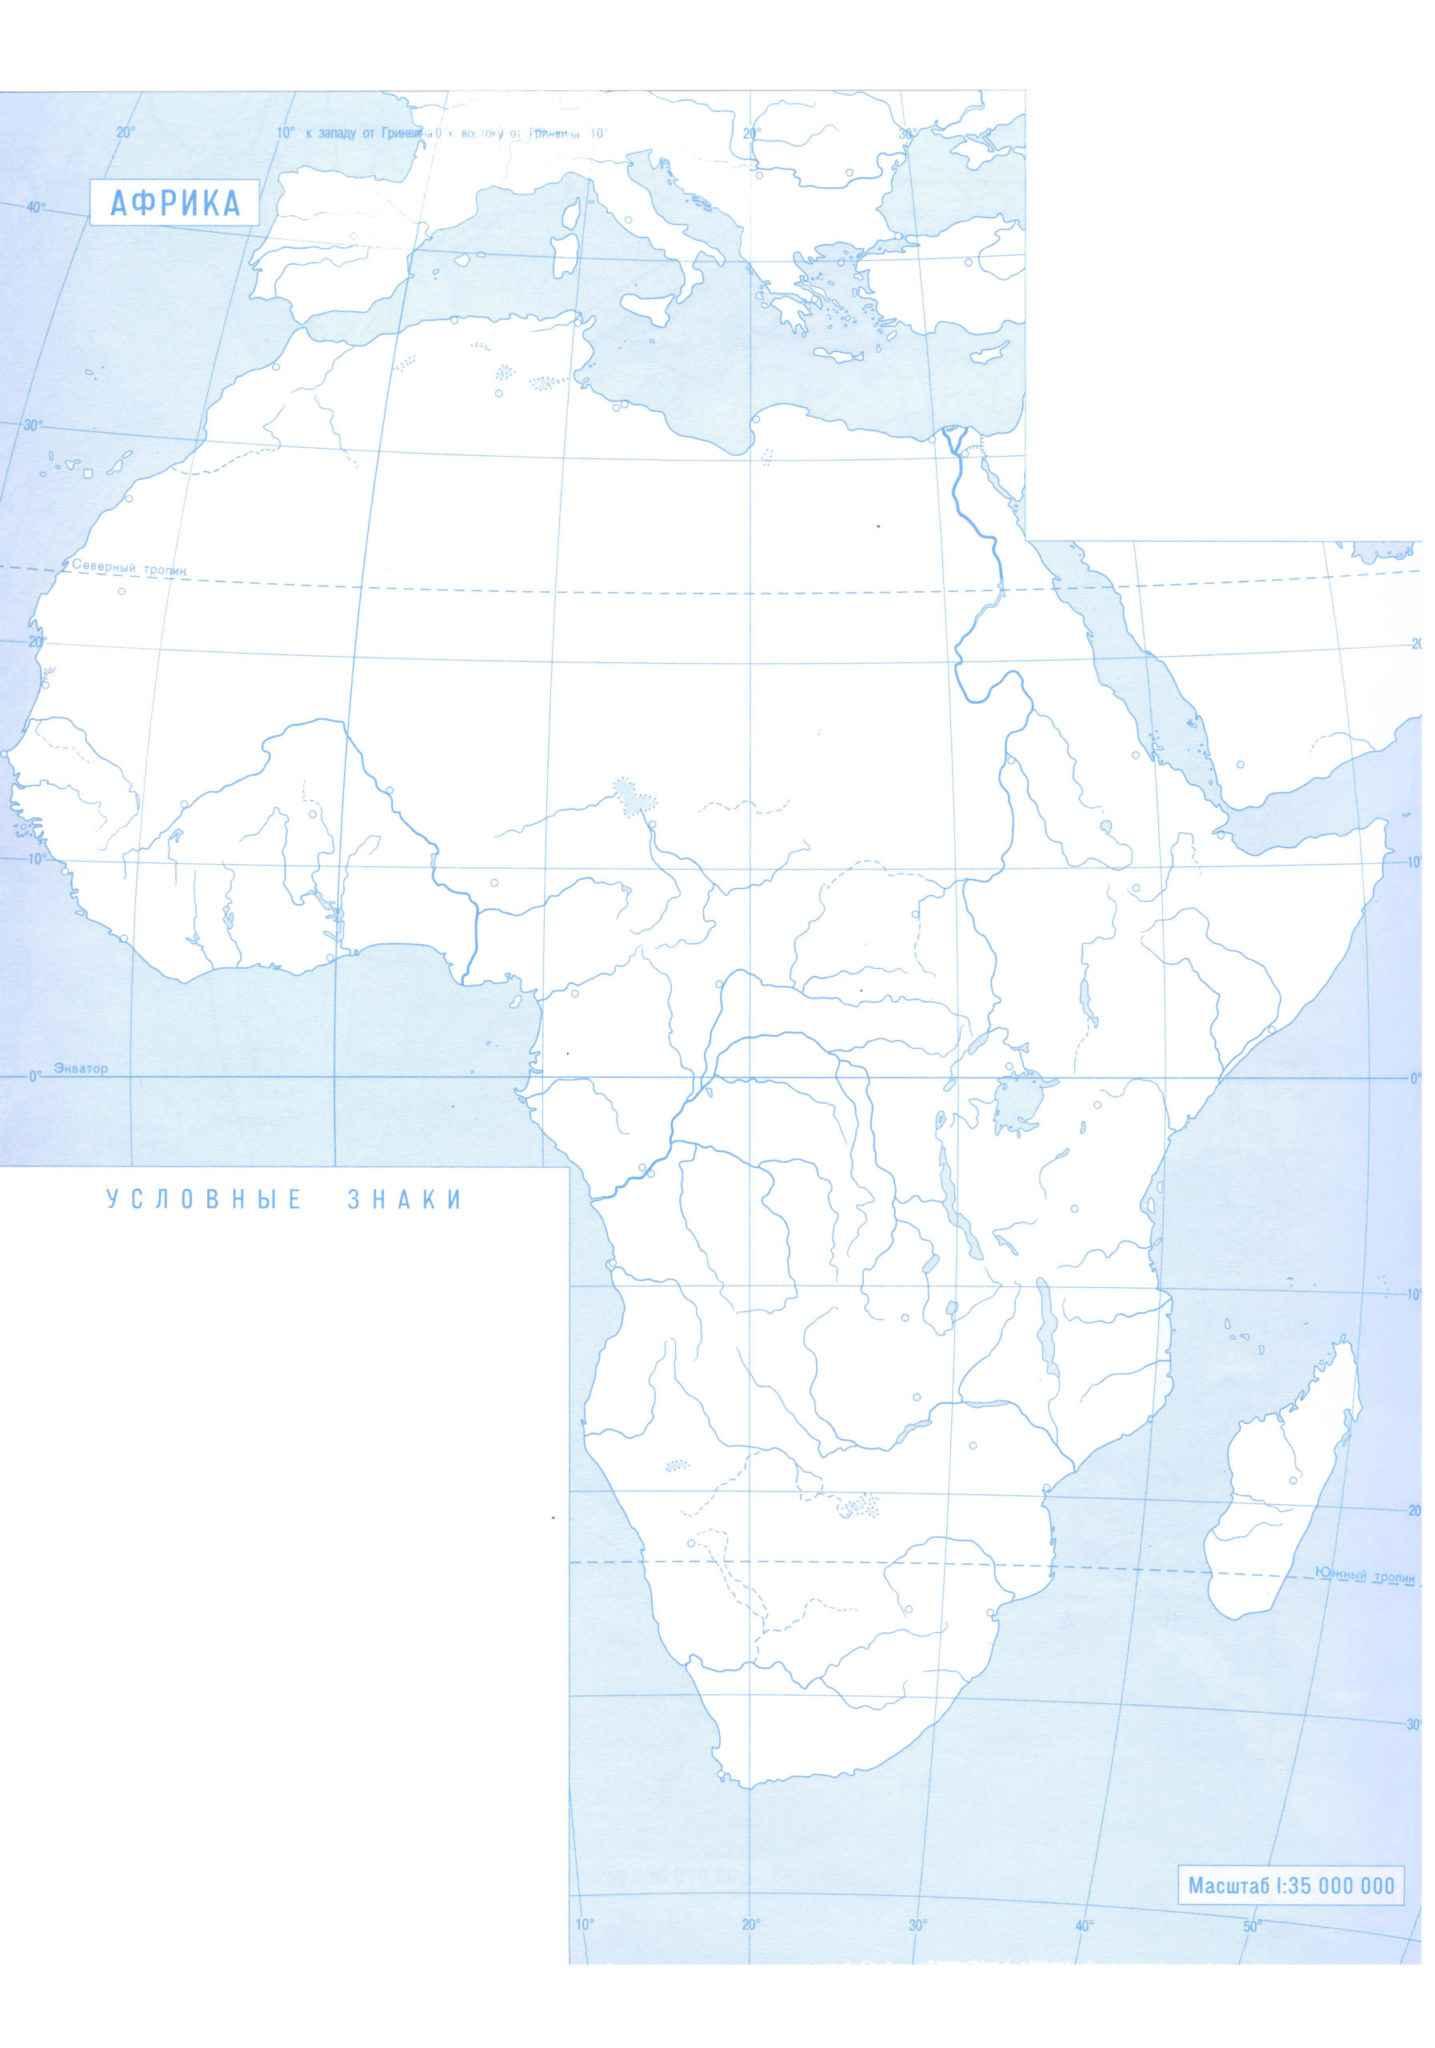 Географические карты Африки крупным планом на русском языке: физическая, политическая и контурная 4